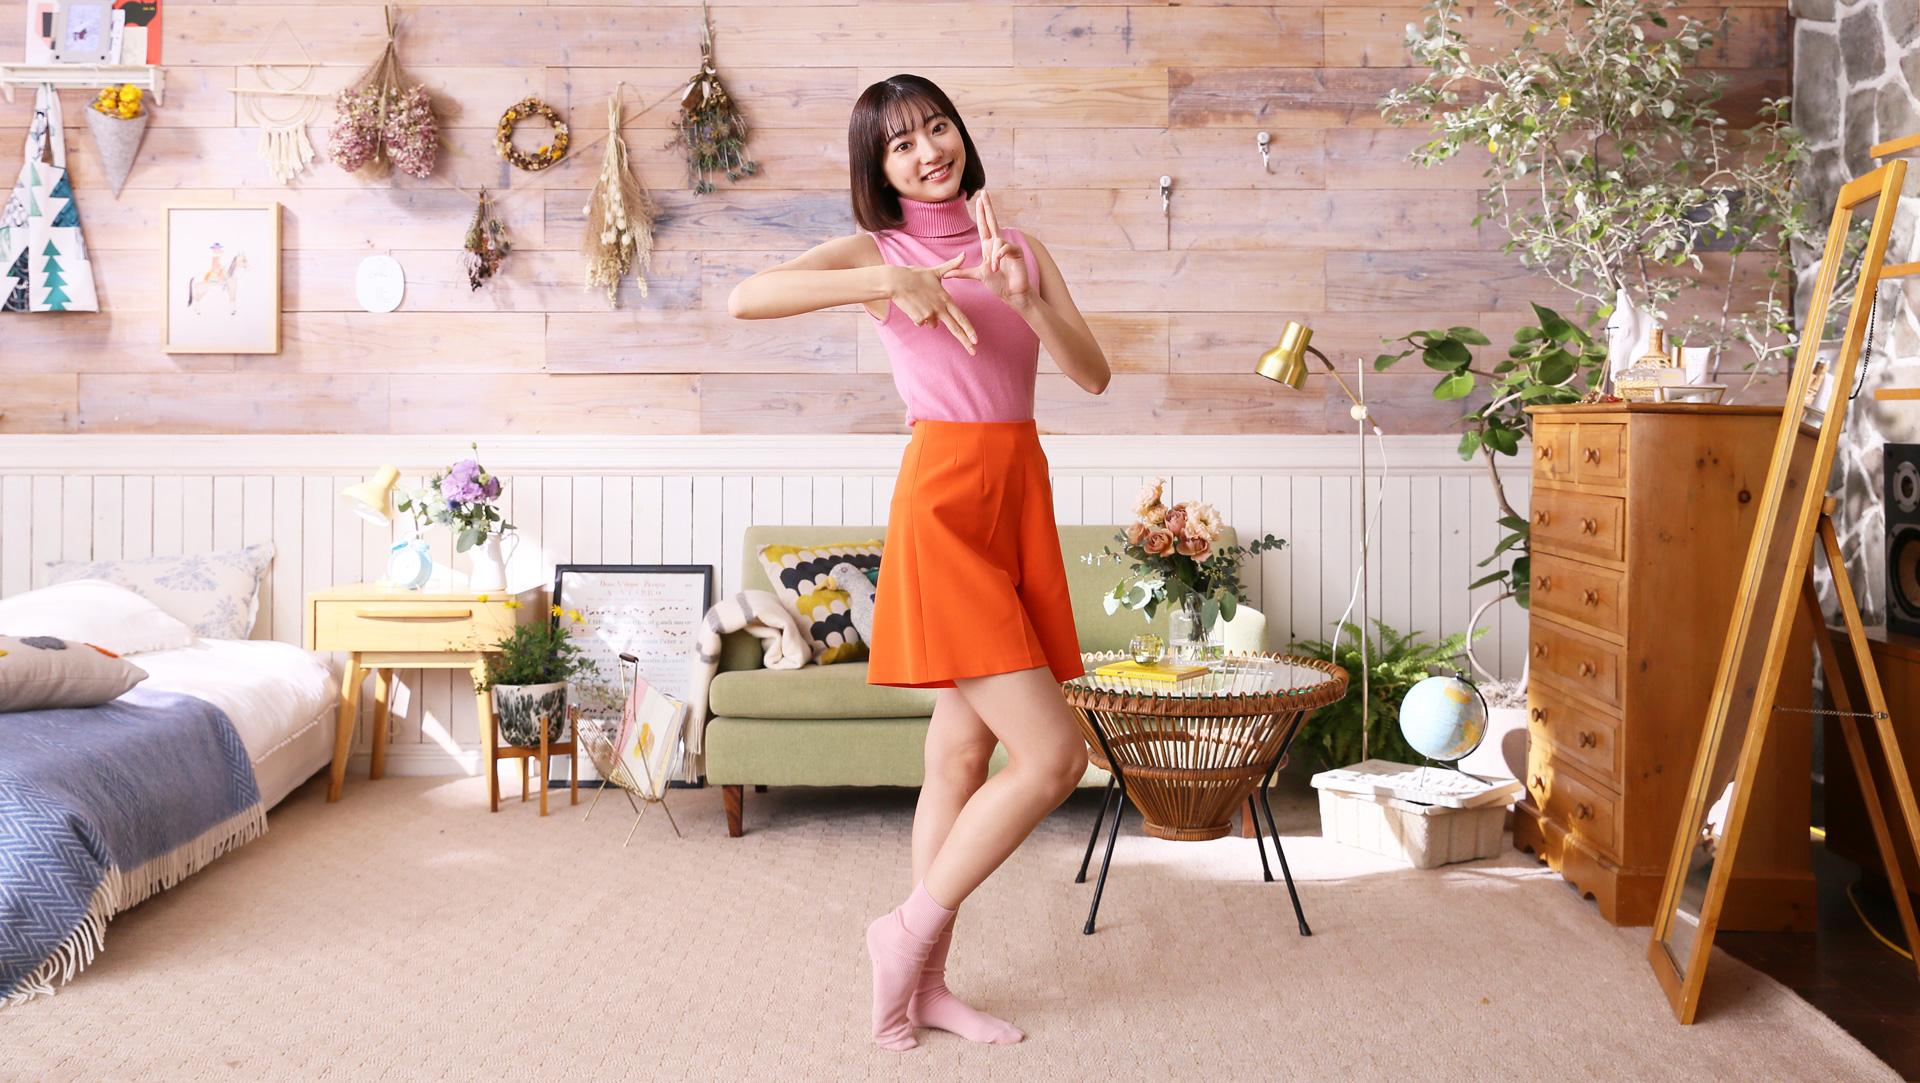 武田玲奈「NOVA」新CM TikTok風ダンスでNOVAうさぎとコラボ – CMNOW WEB